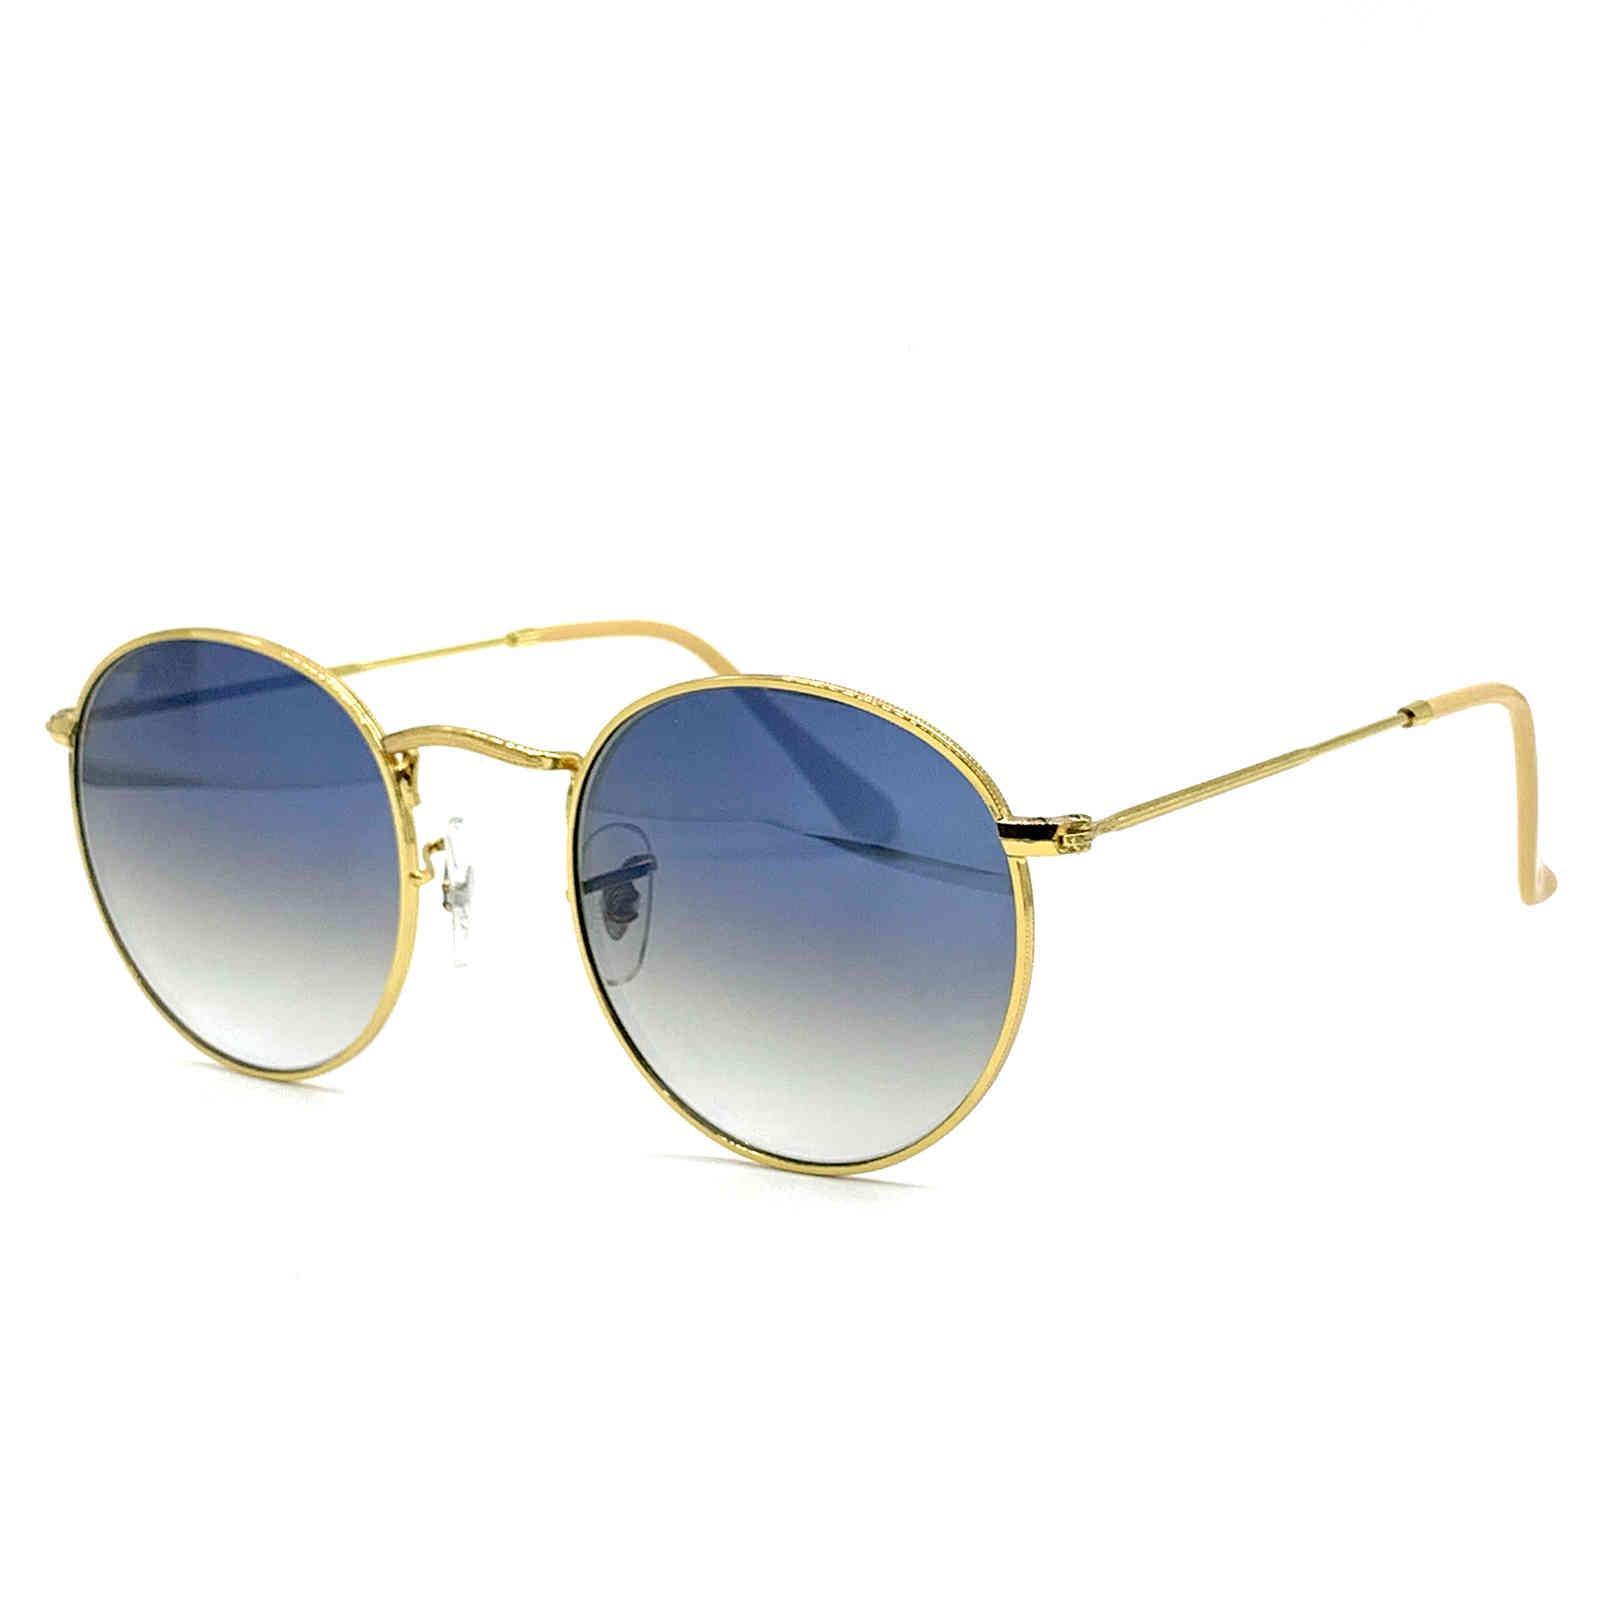 Lunettes de soleil Mesdames et alliage d'hommes Matériau Light RB3447 Cadre de lunettes